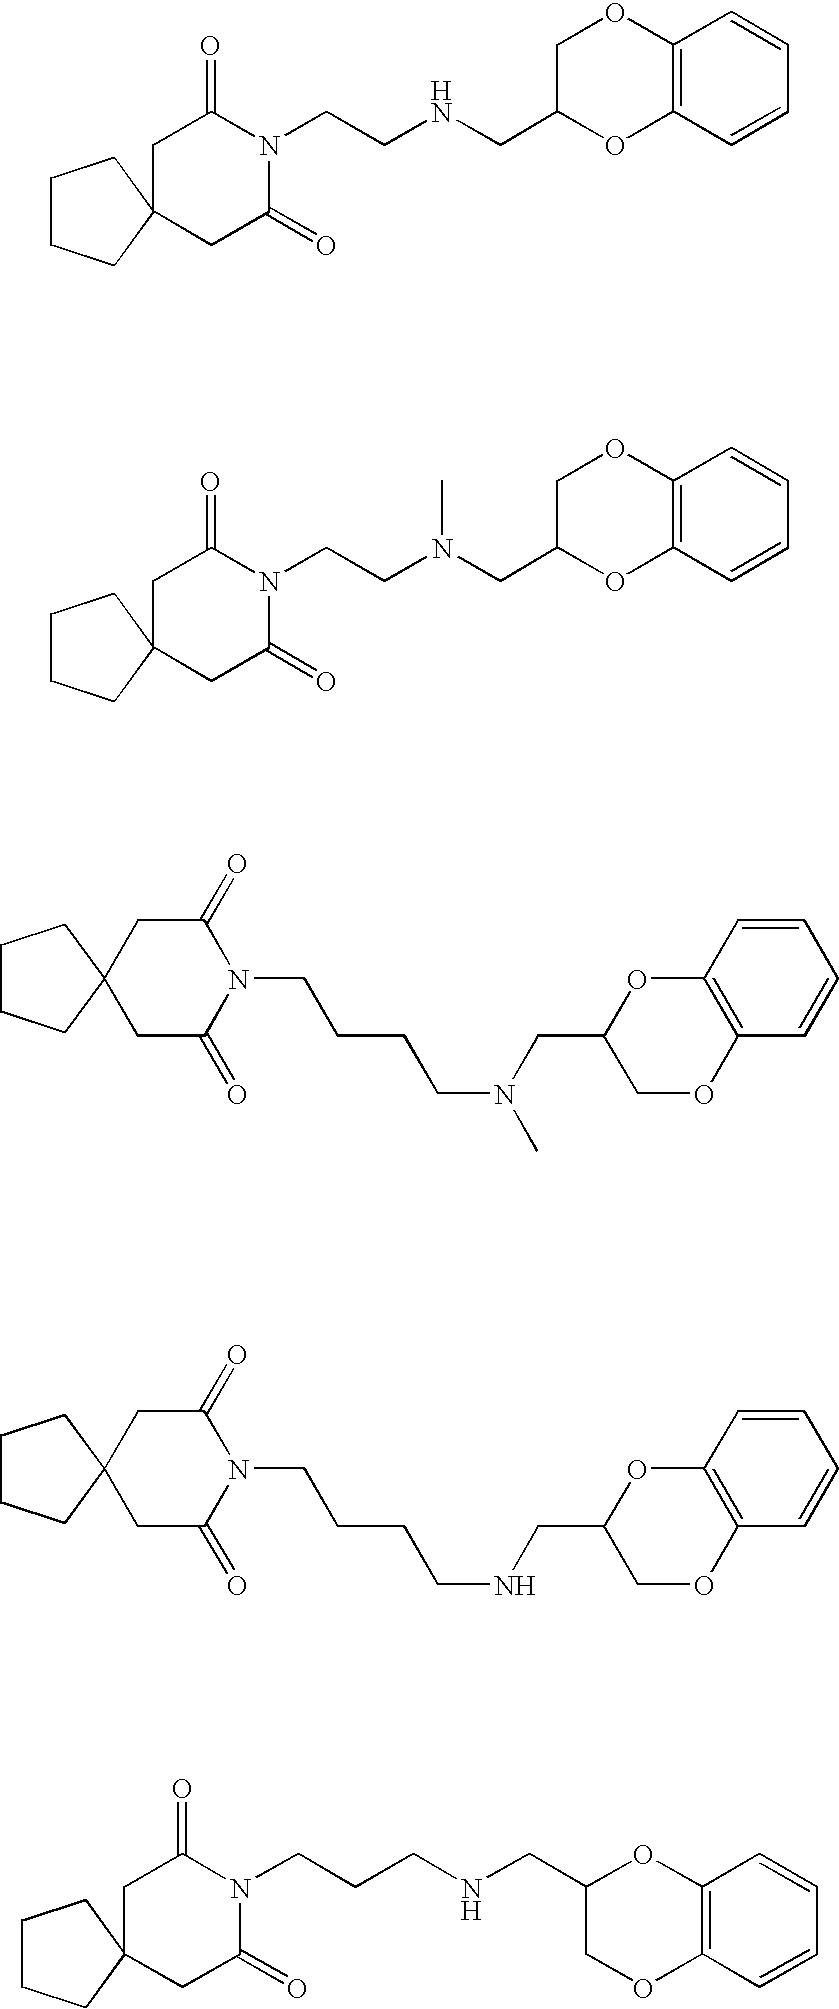 Figure US20100009983A1-20100114-C00016